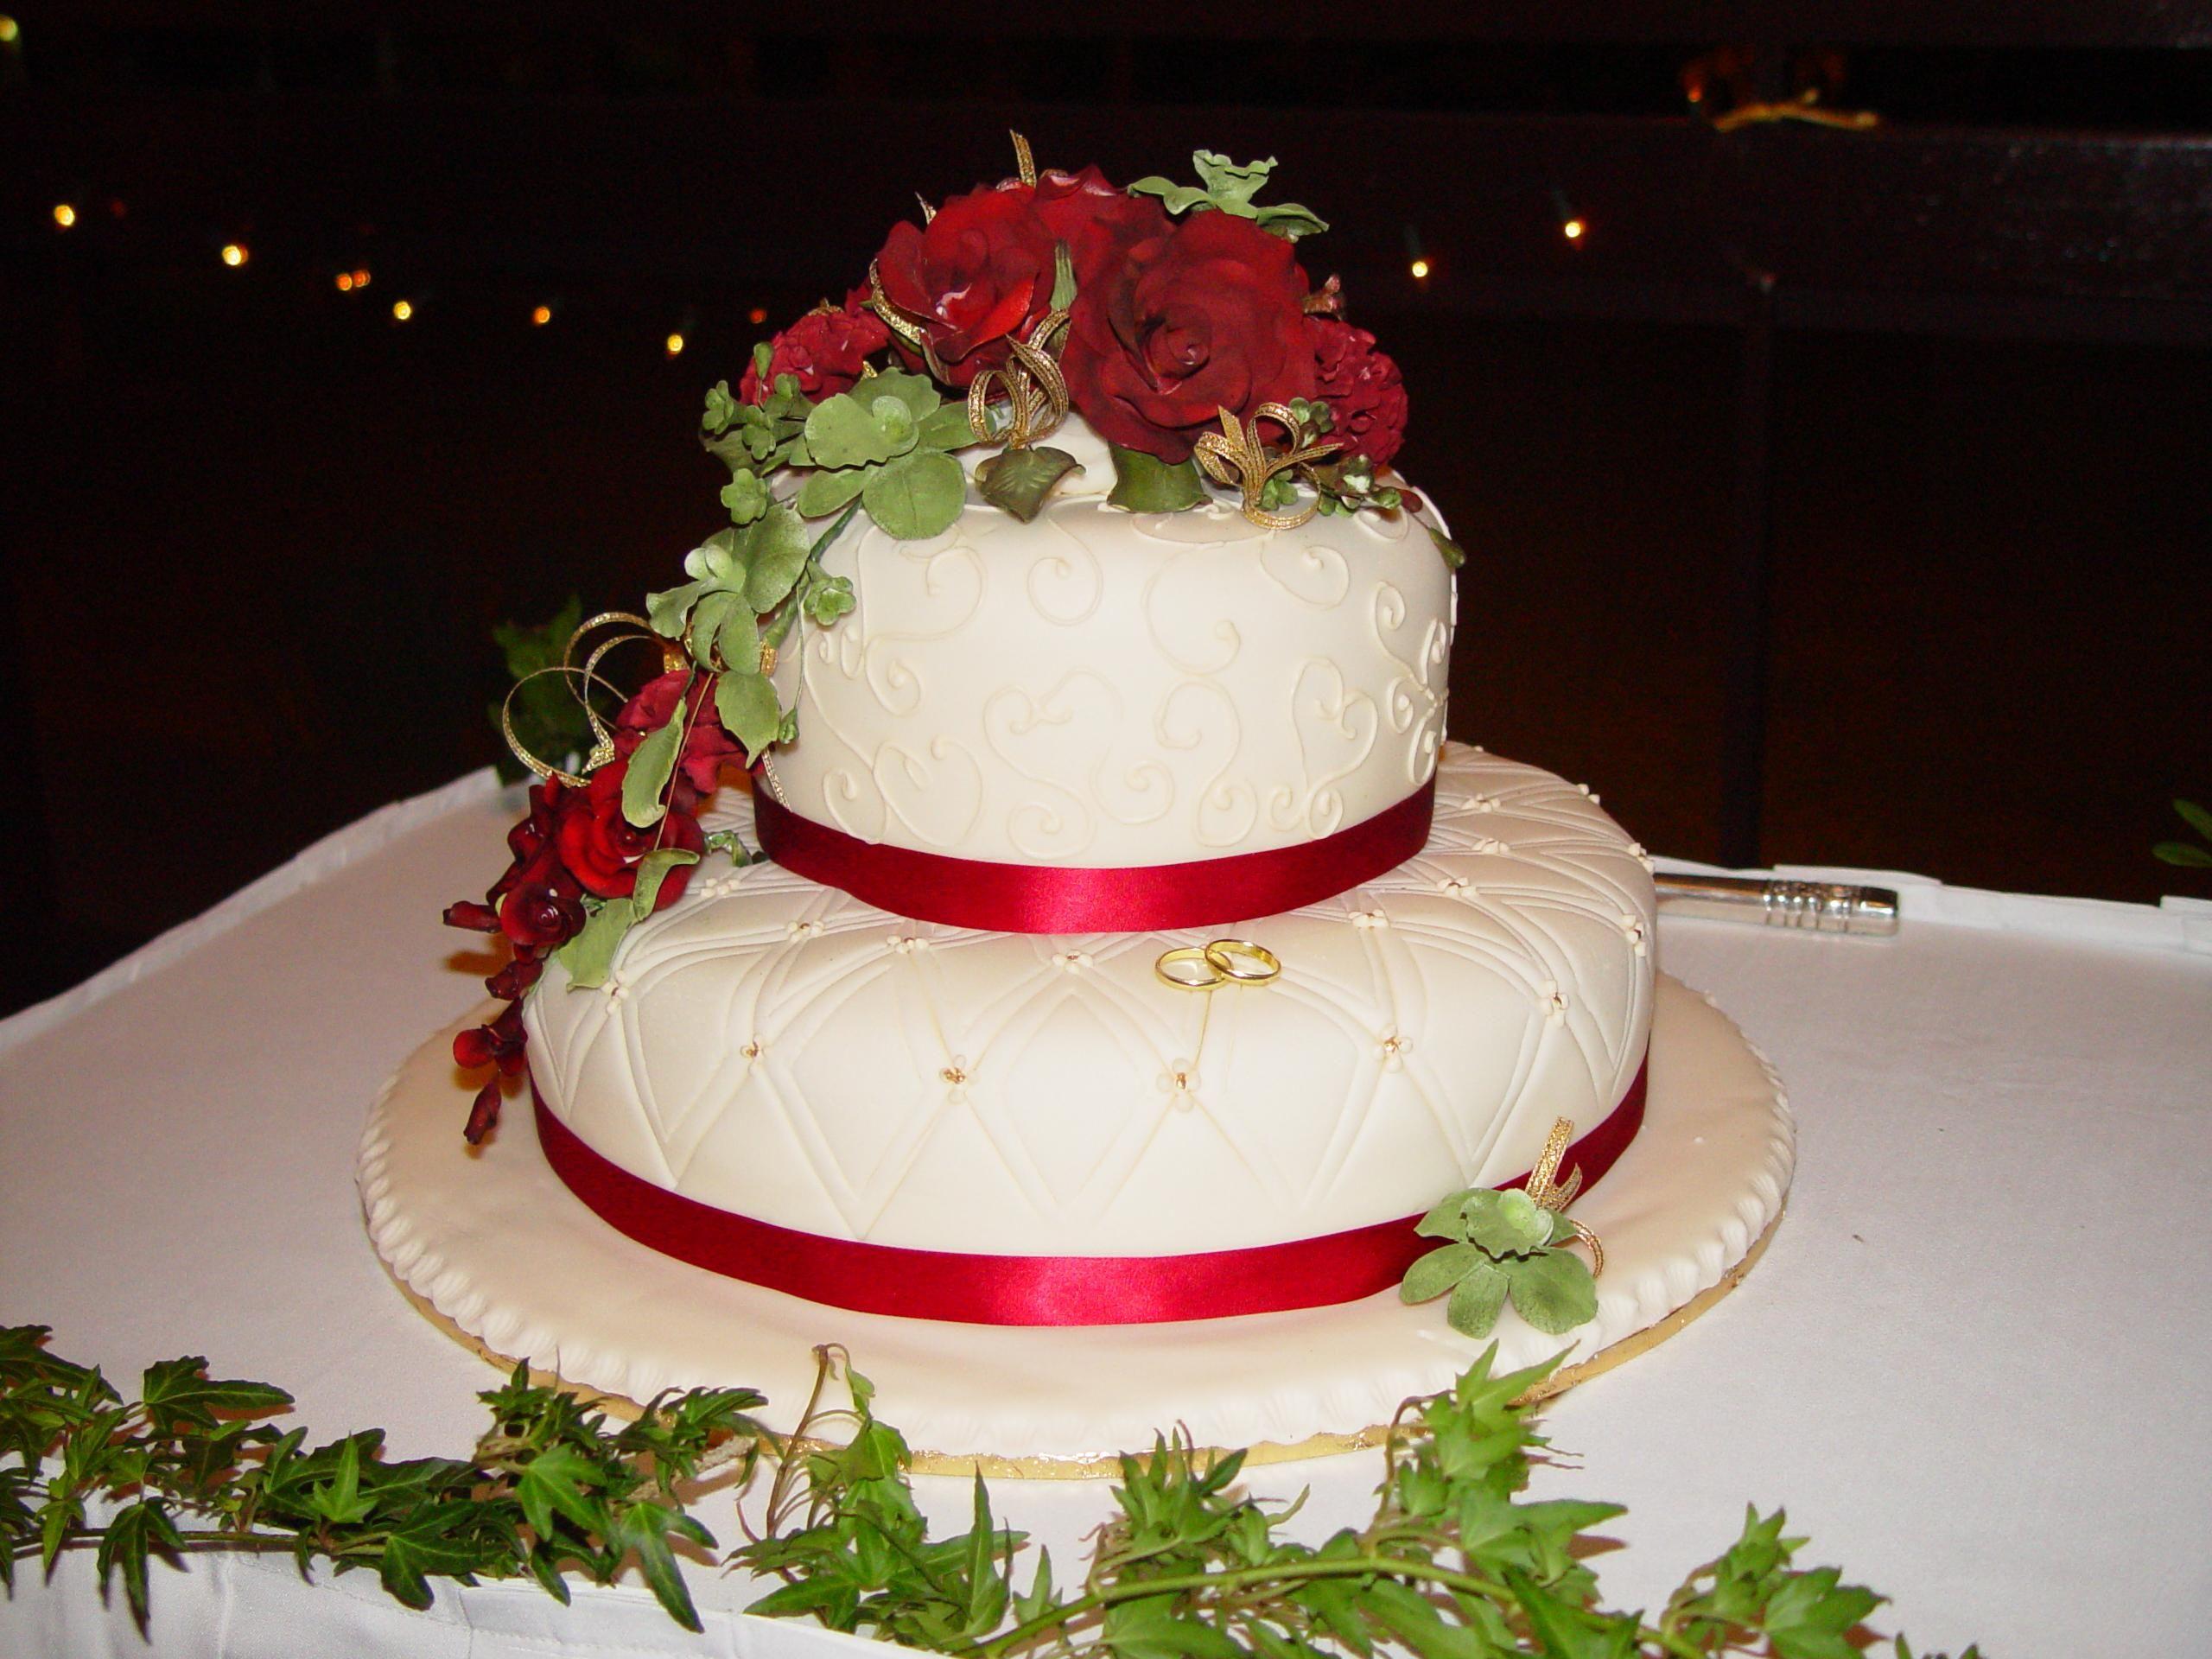 Personalised Birthday Cakes Falkirk